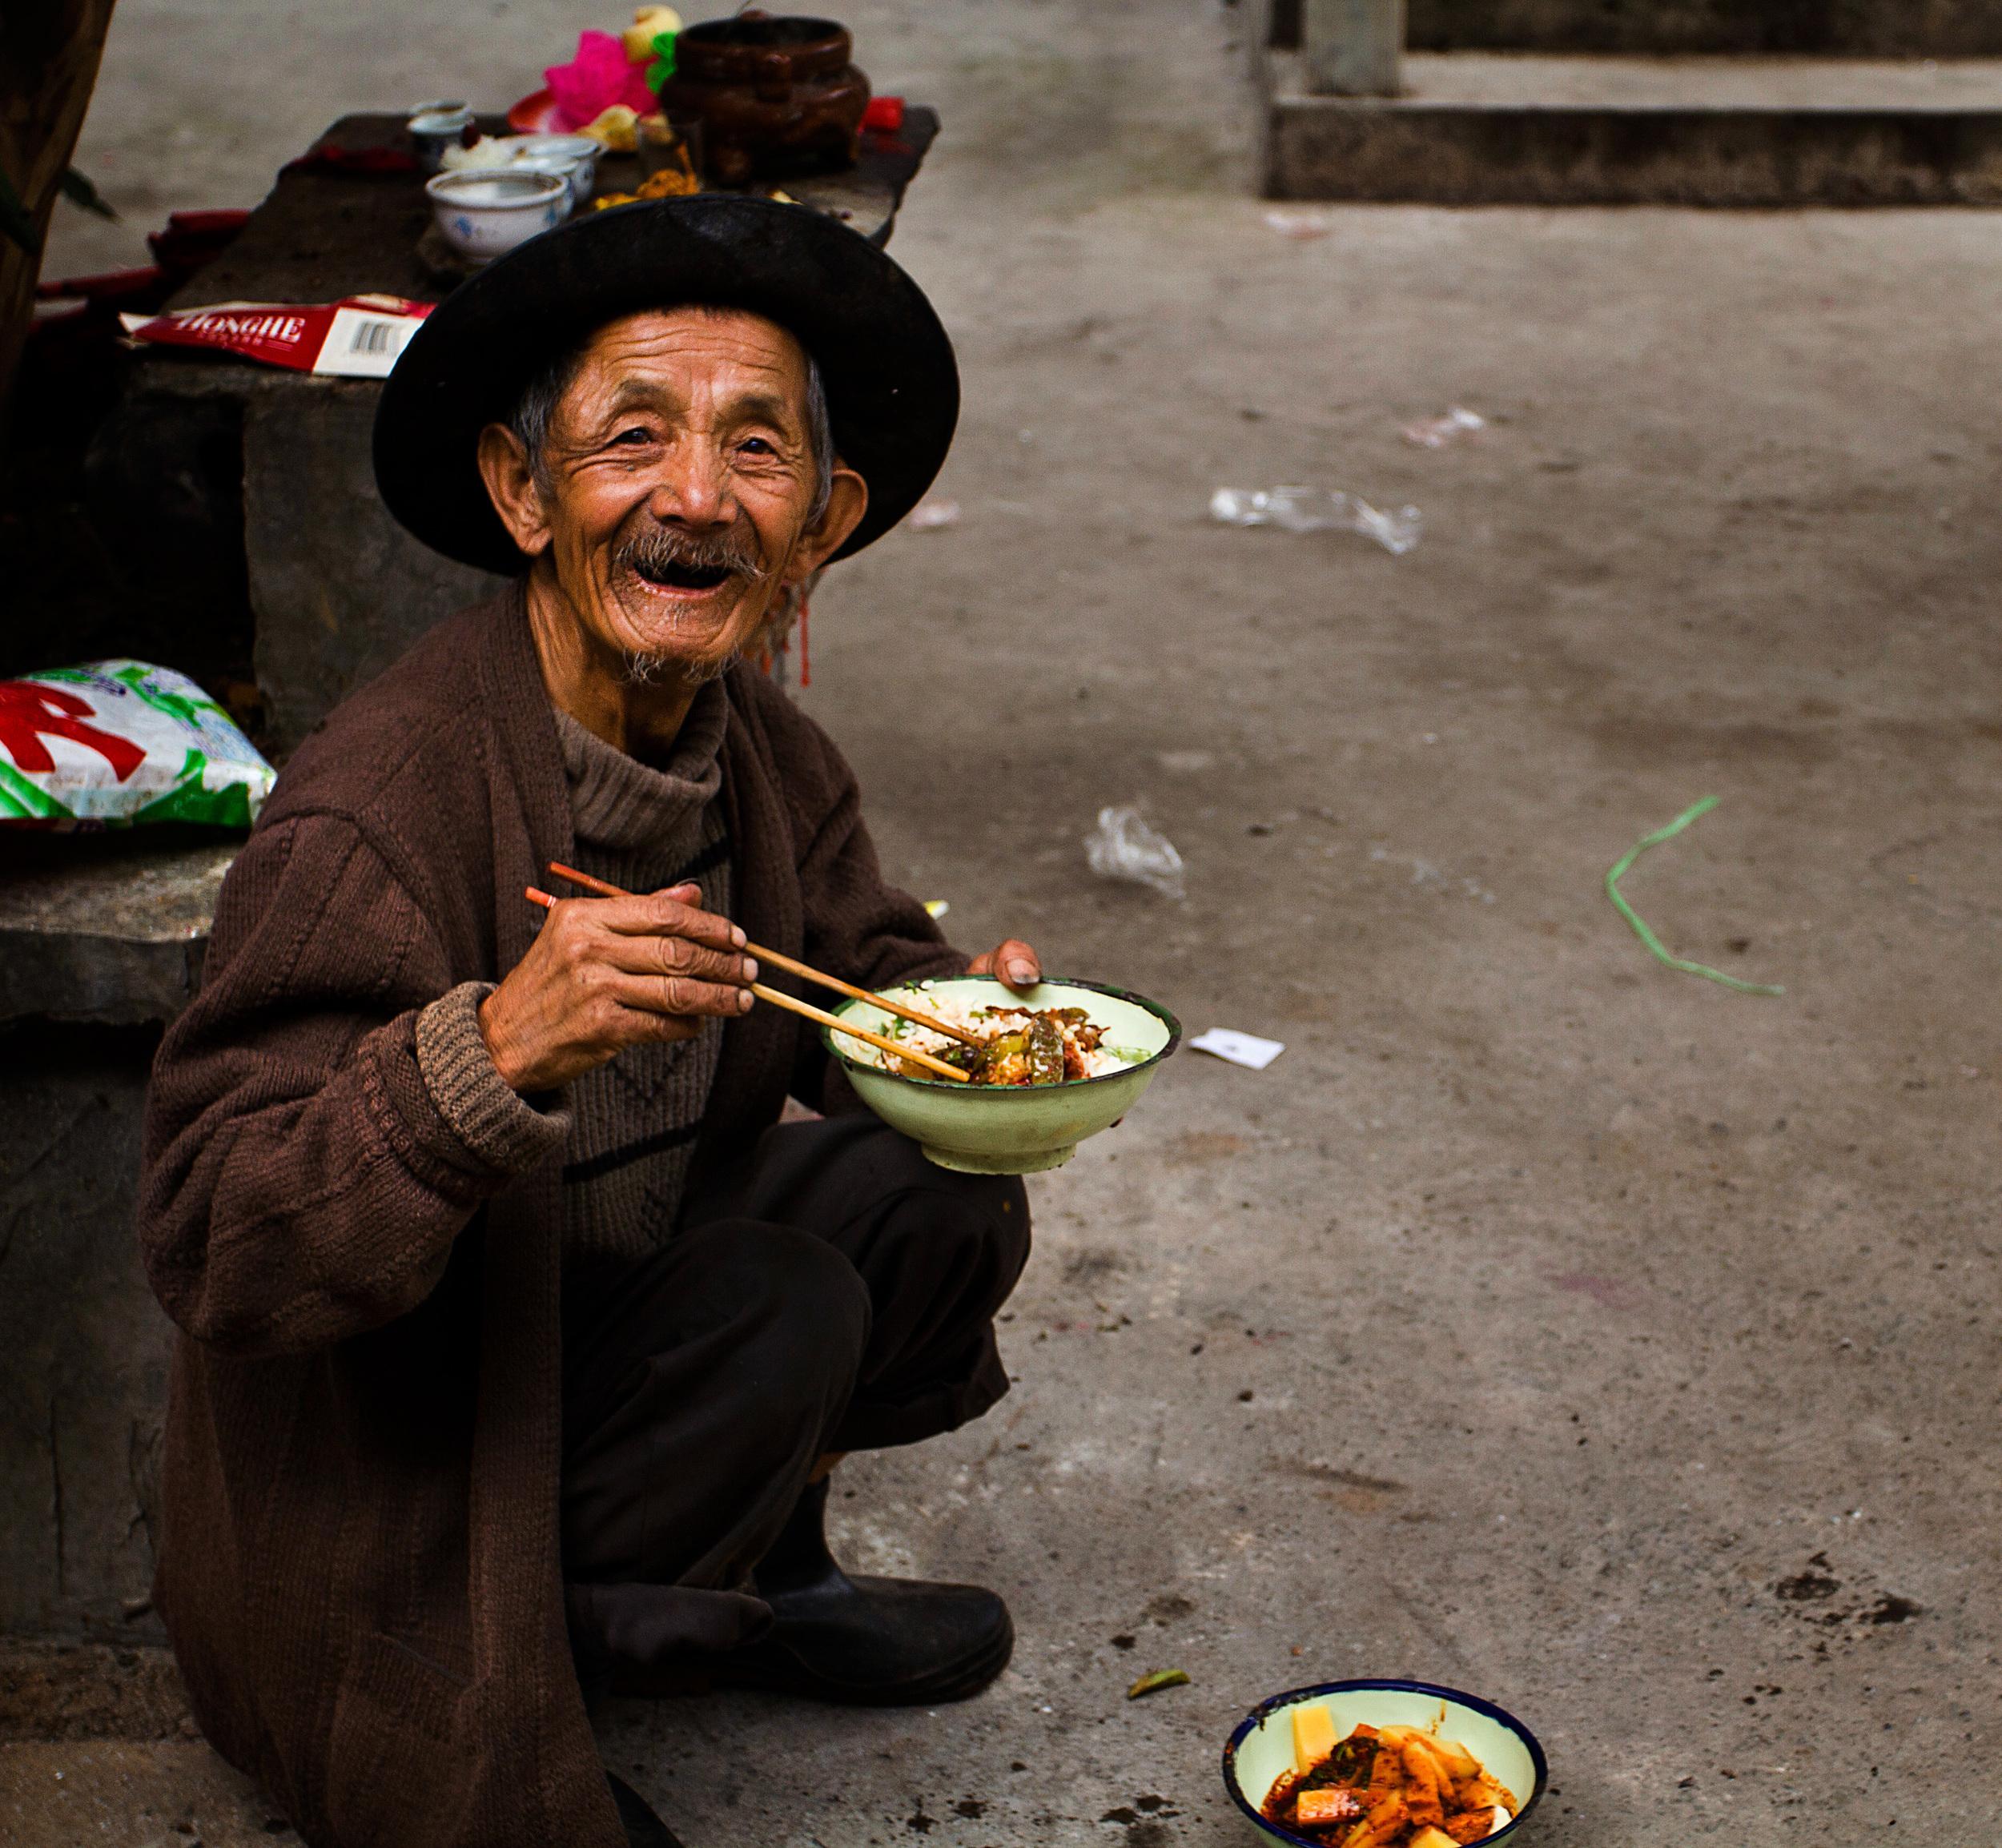 man eating.jpg